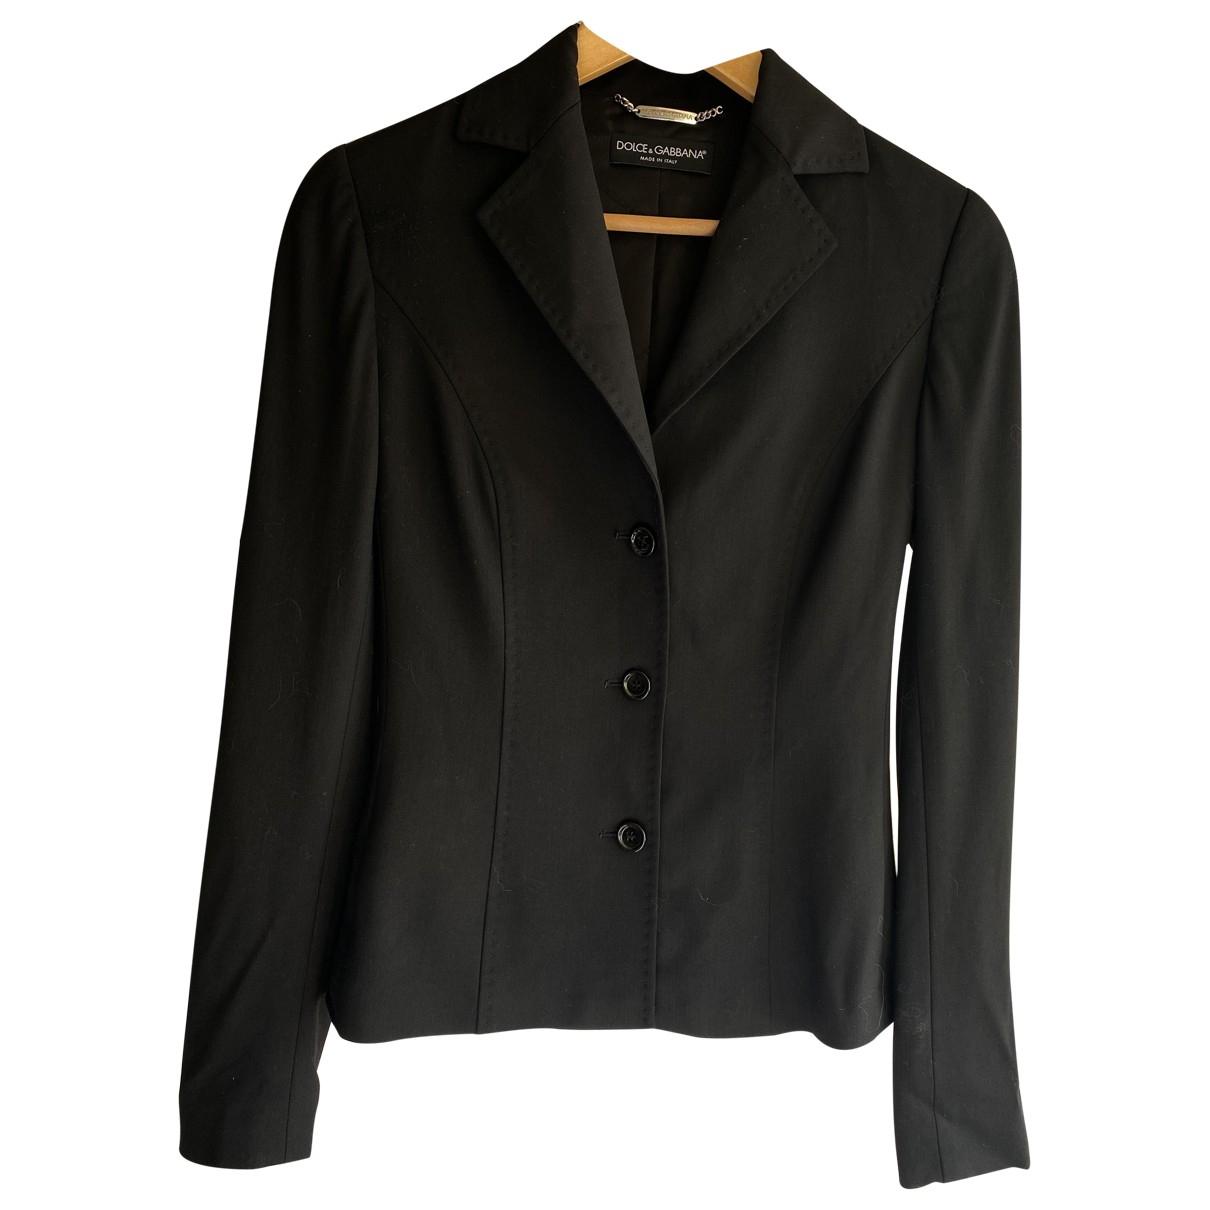 Dolce & Gabbana \N Black jacket for Women 38 IT